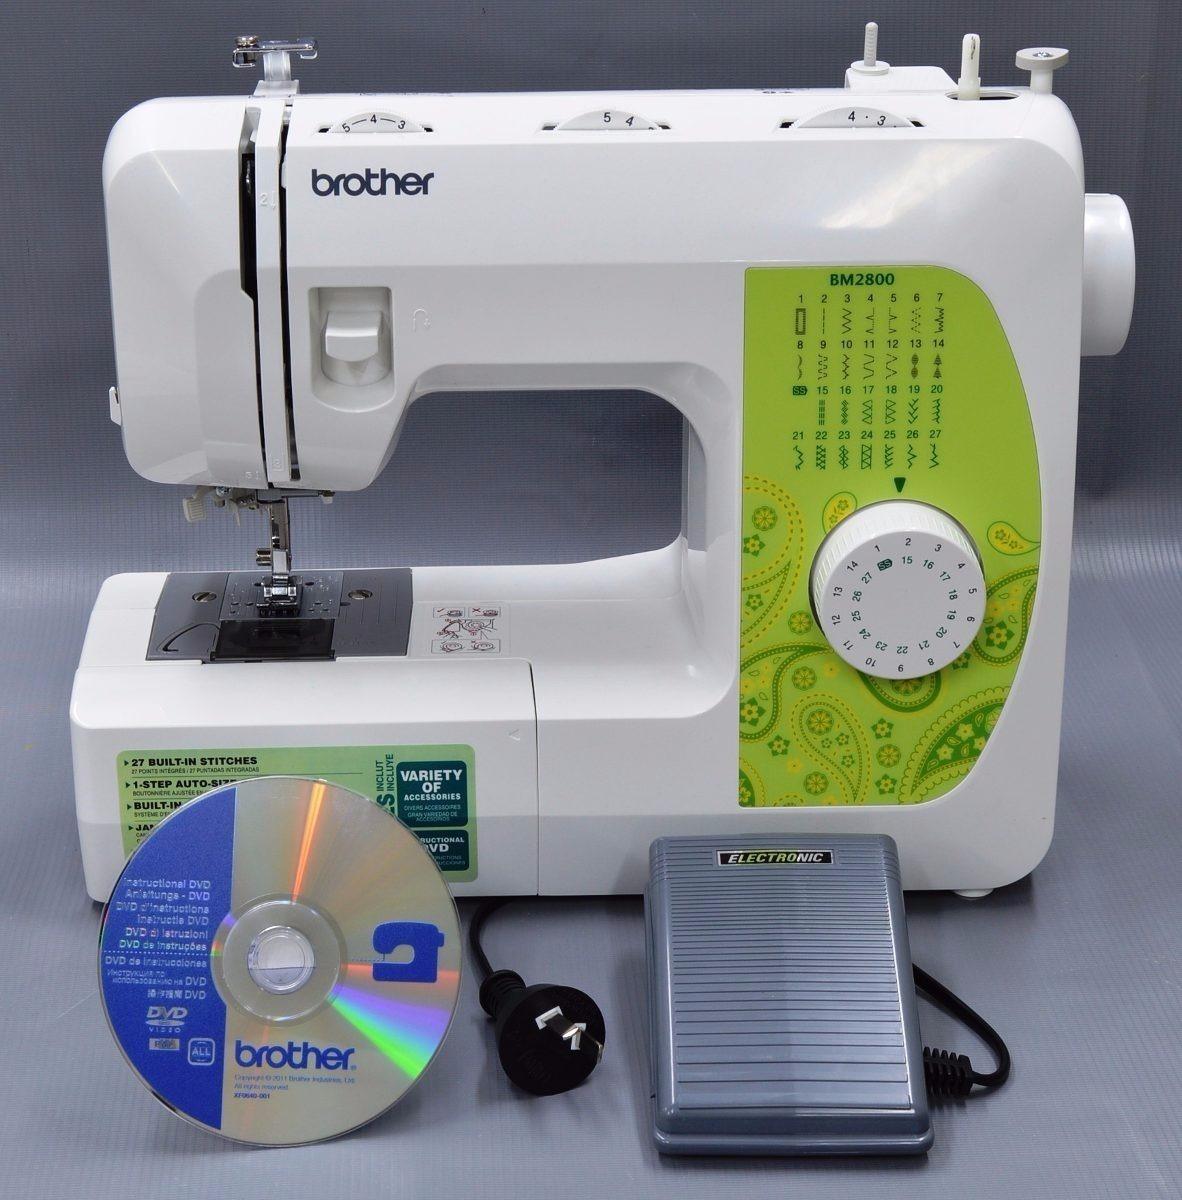 Maquina De Coser Brother Bm2800 Mecanica - $ 4,119.00 en